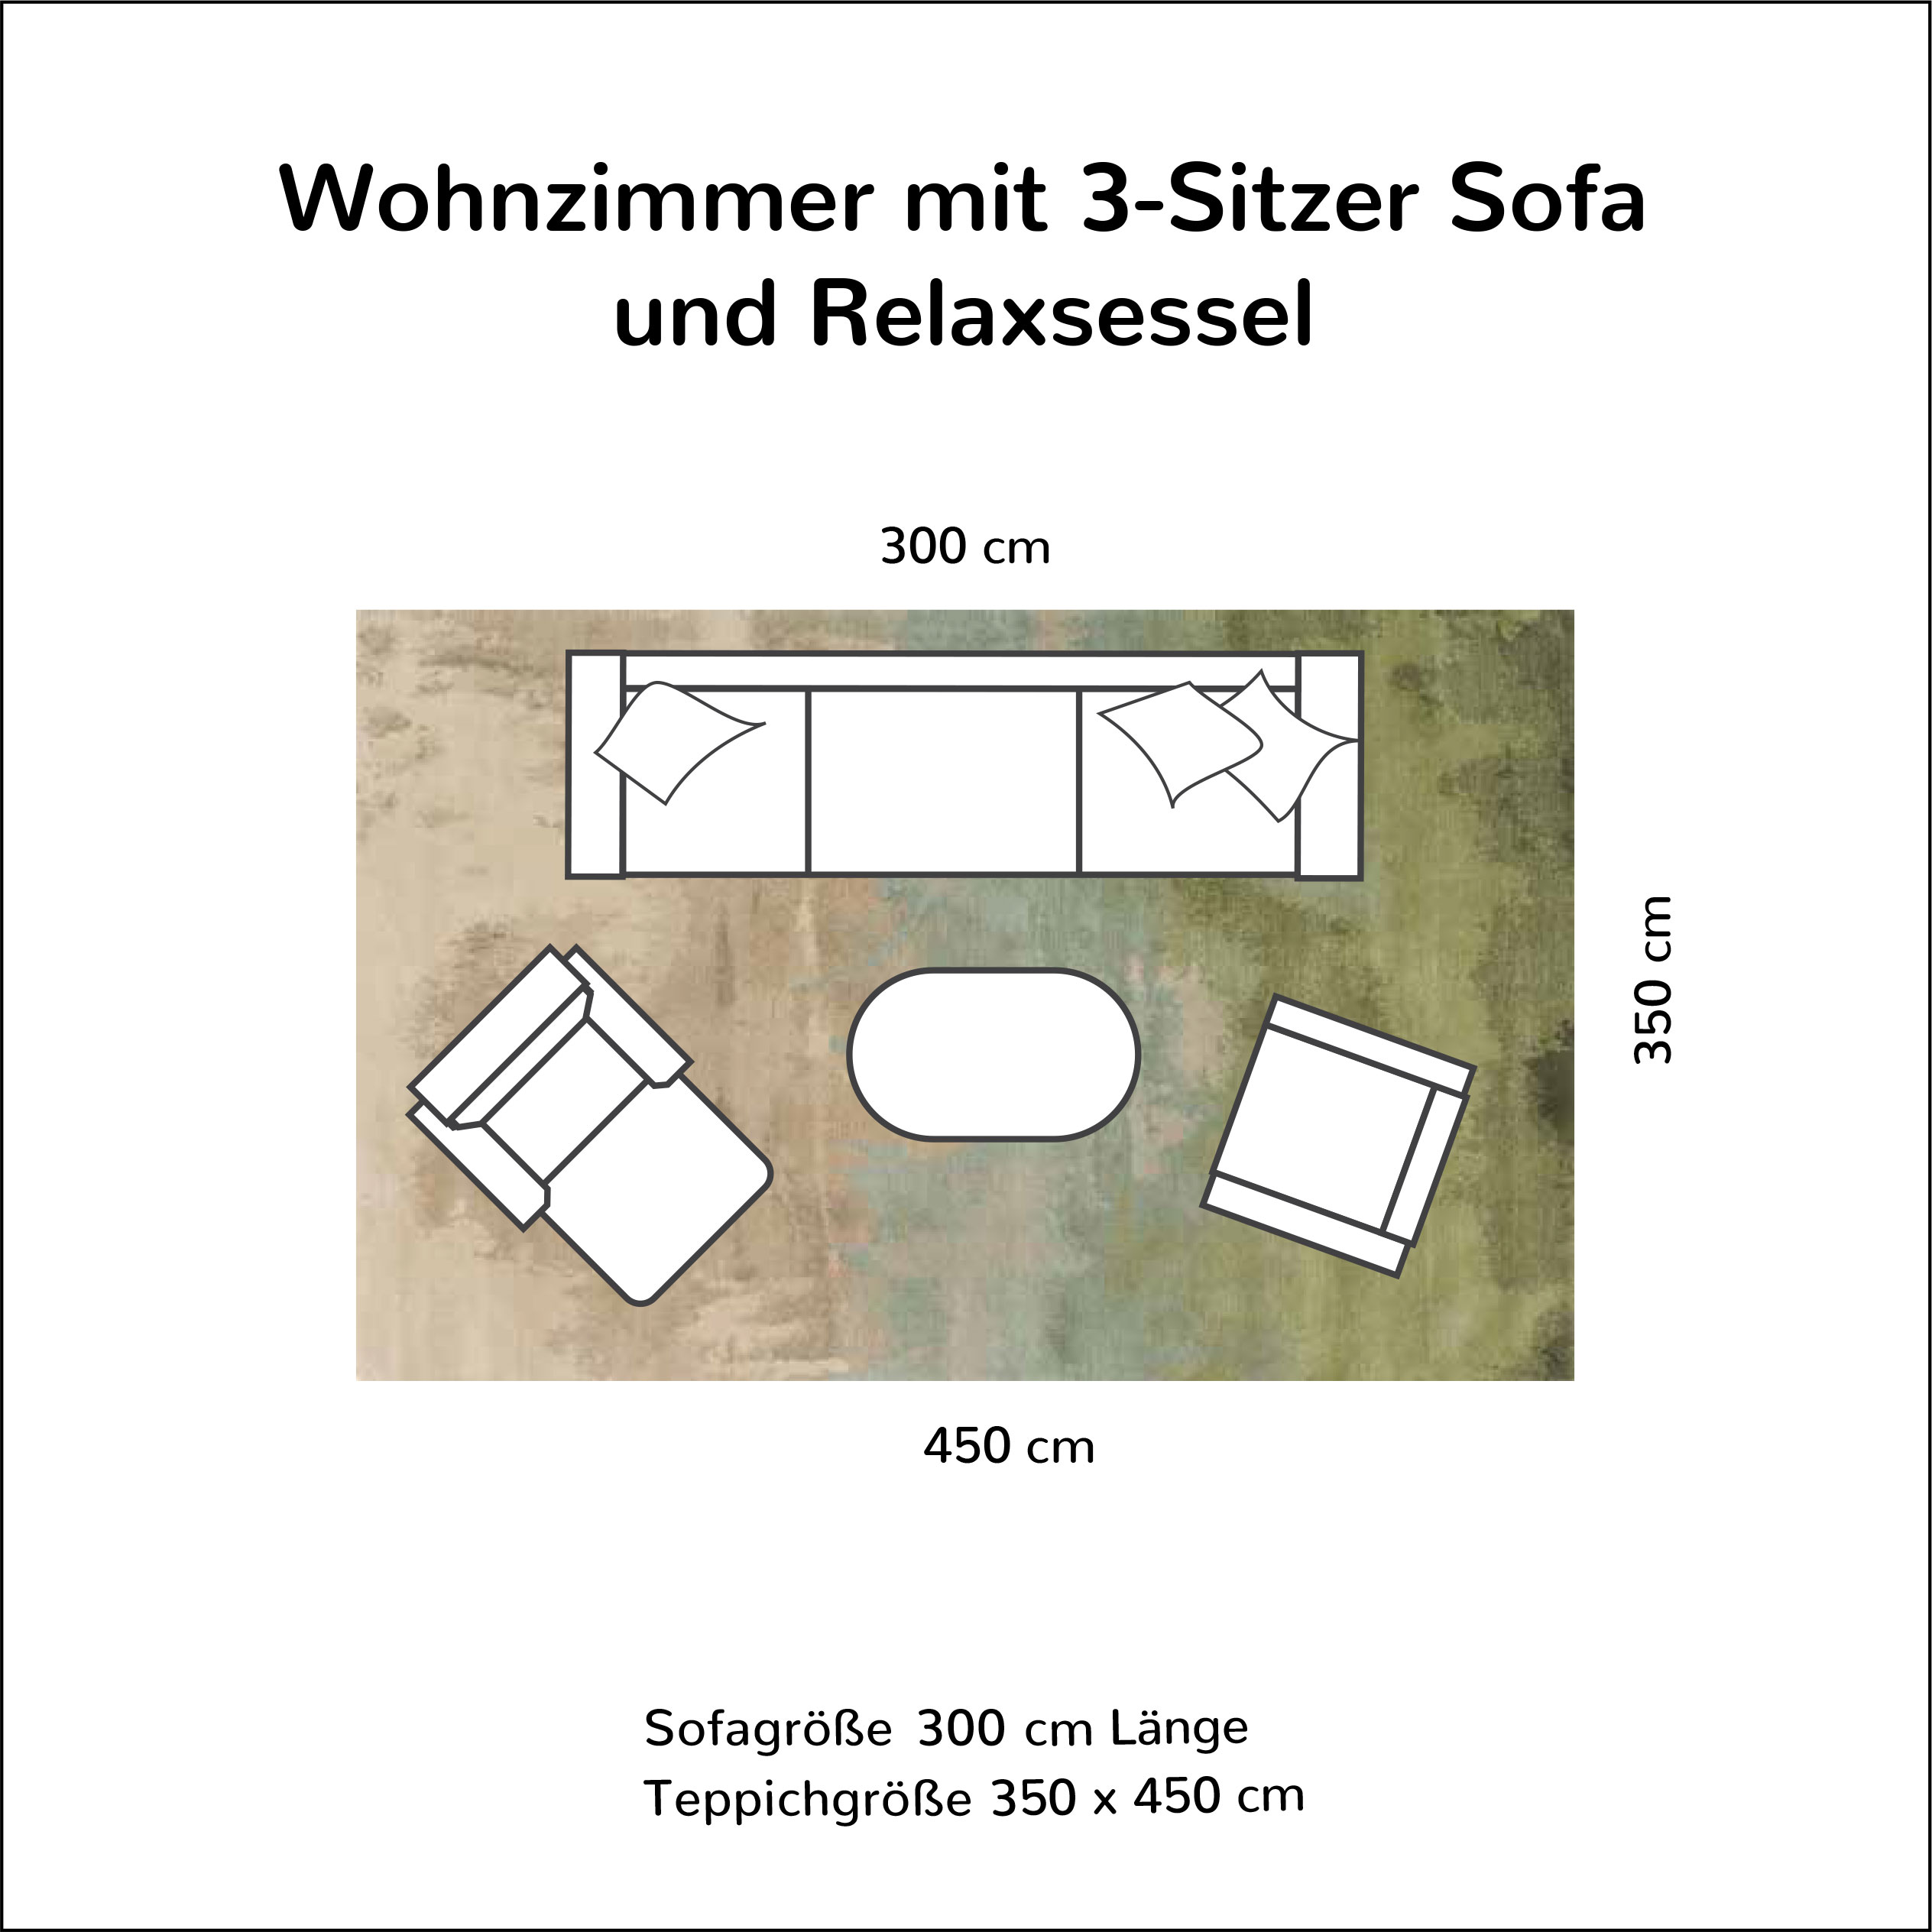 Wohnzimmer mit 3-Sitzer Sofa und Relaxsessel